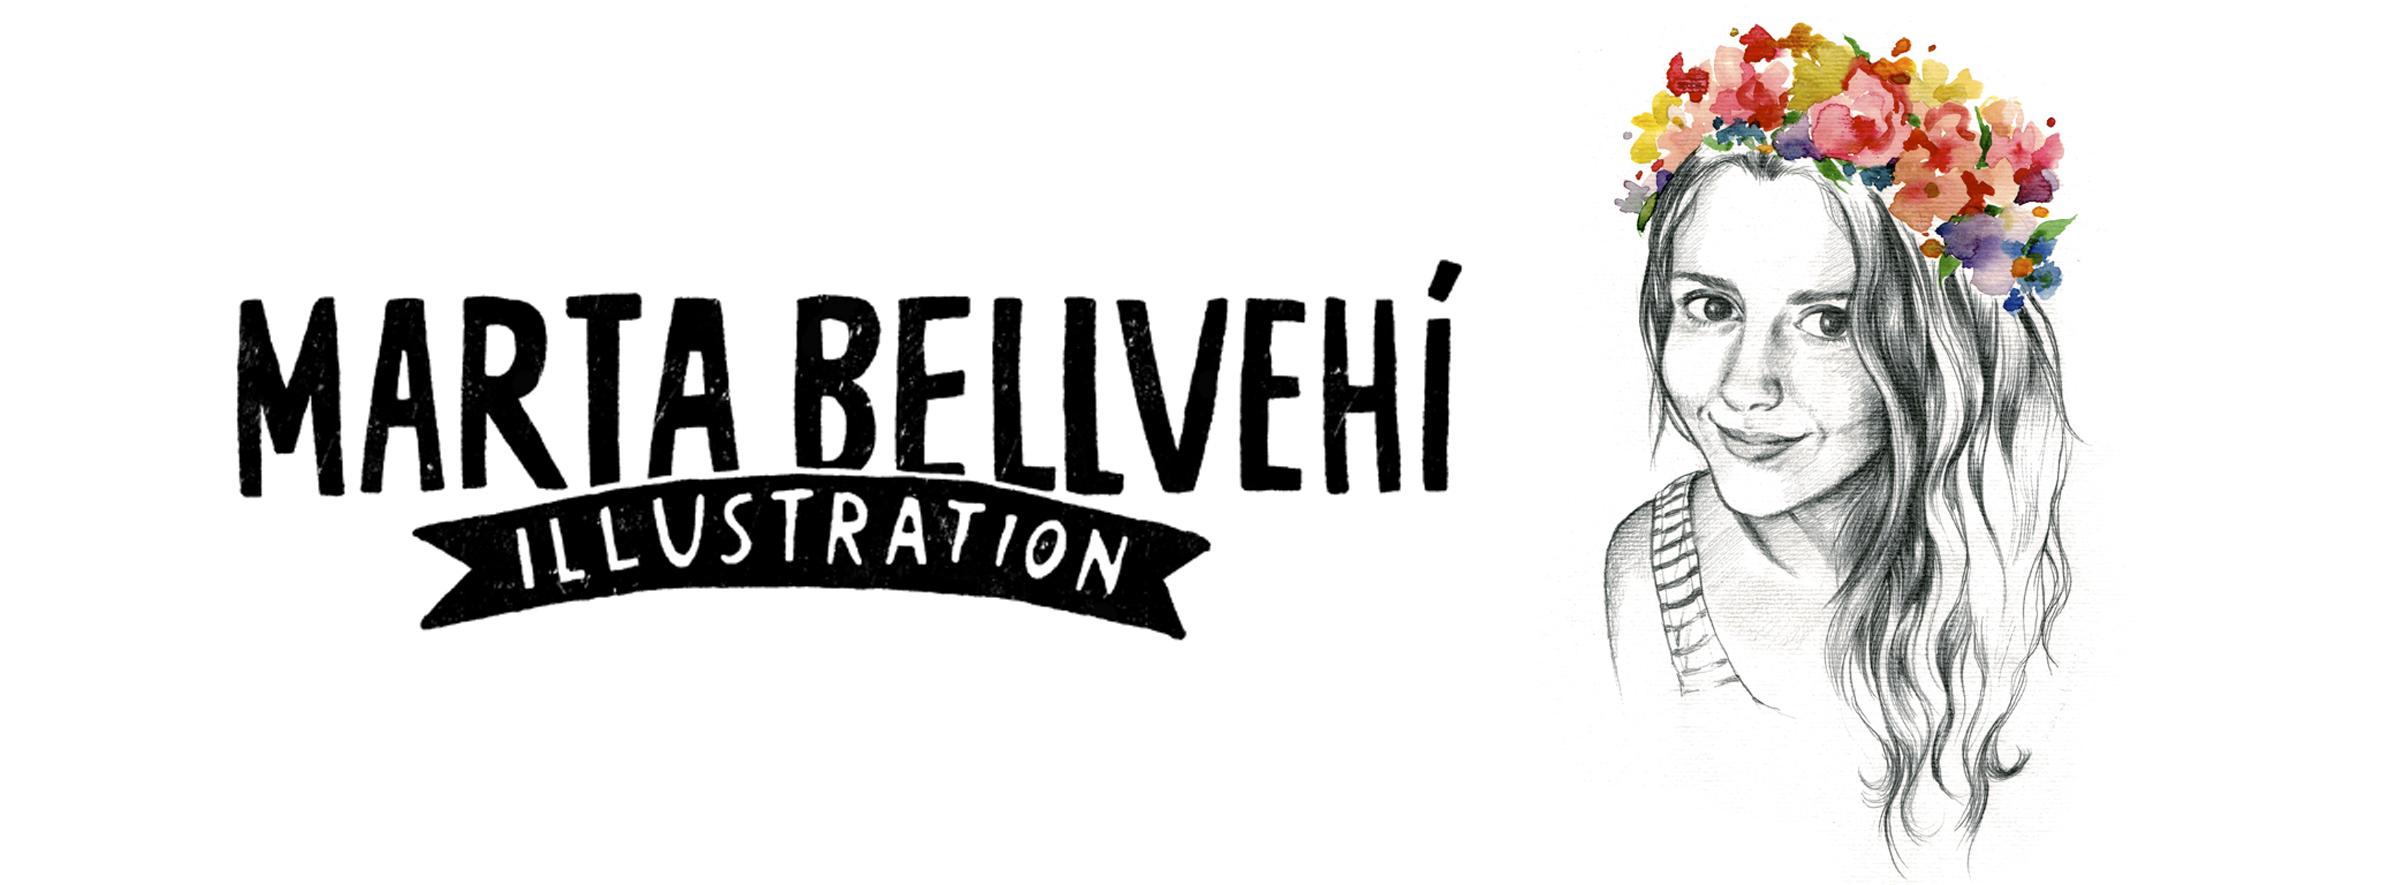 Descubre las creaciones de Marta Bellvehi